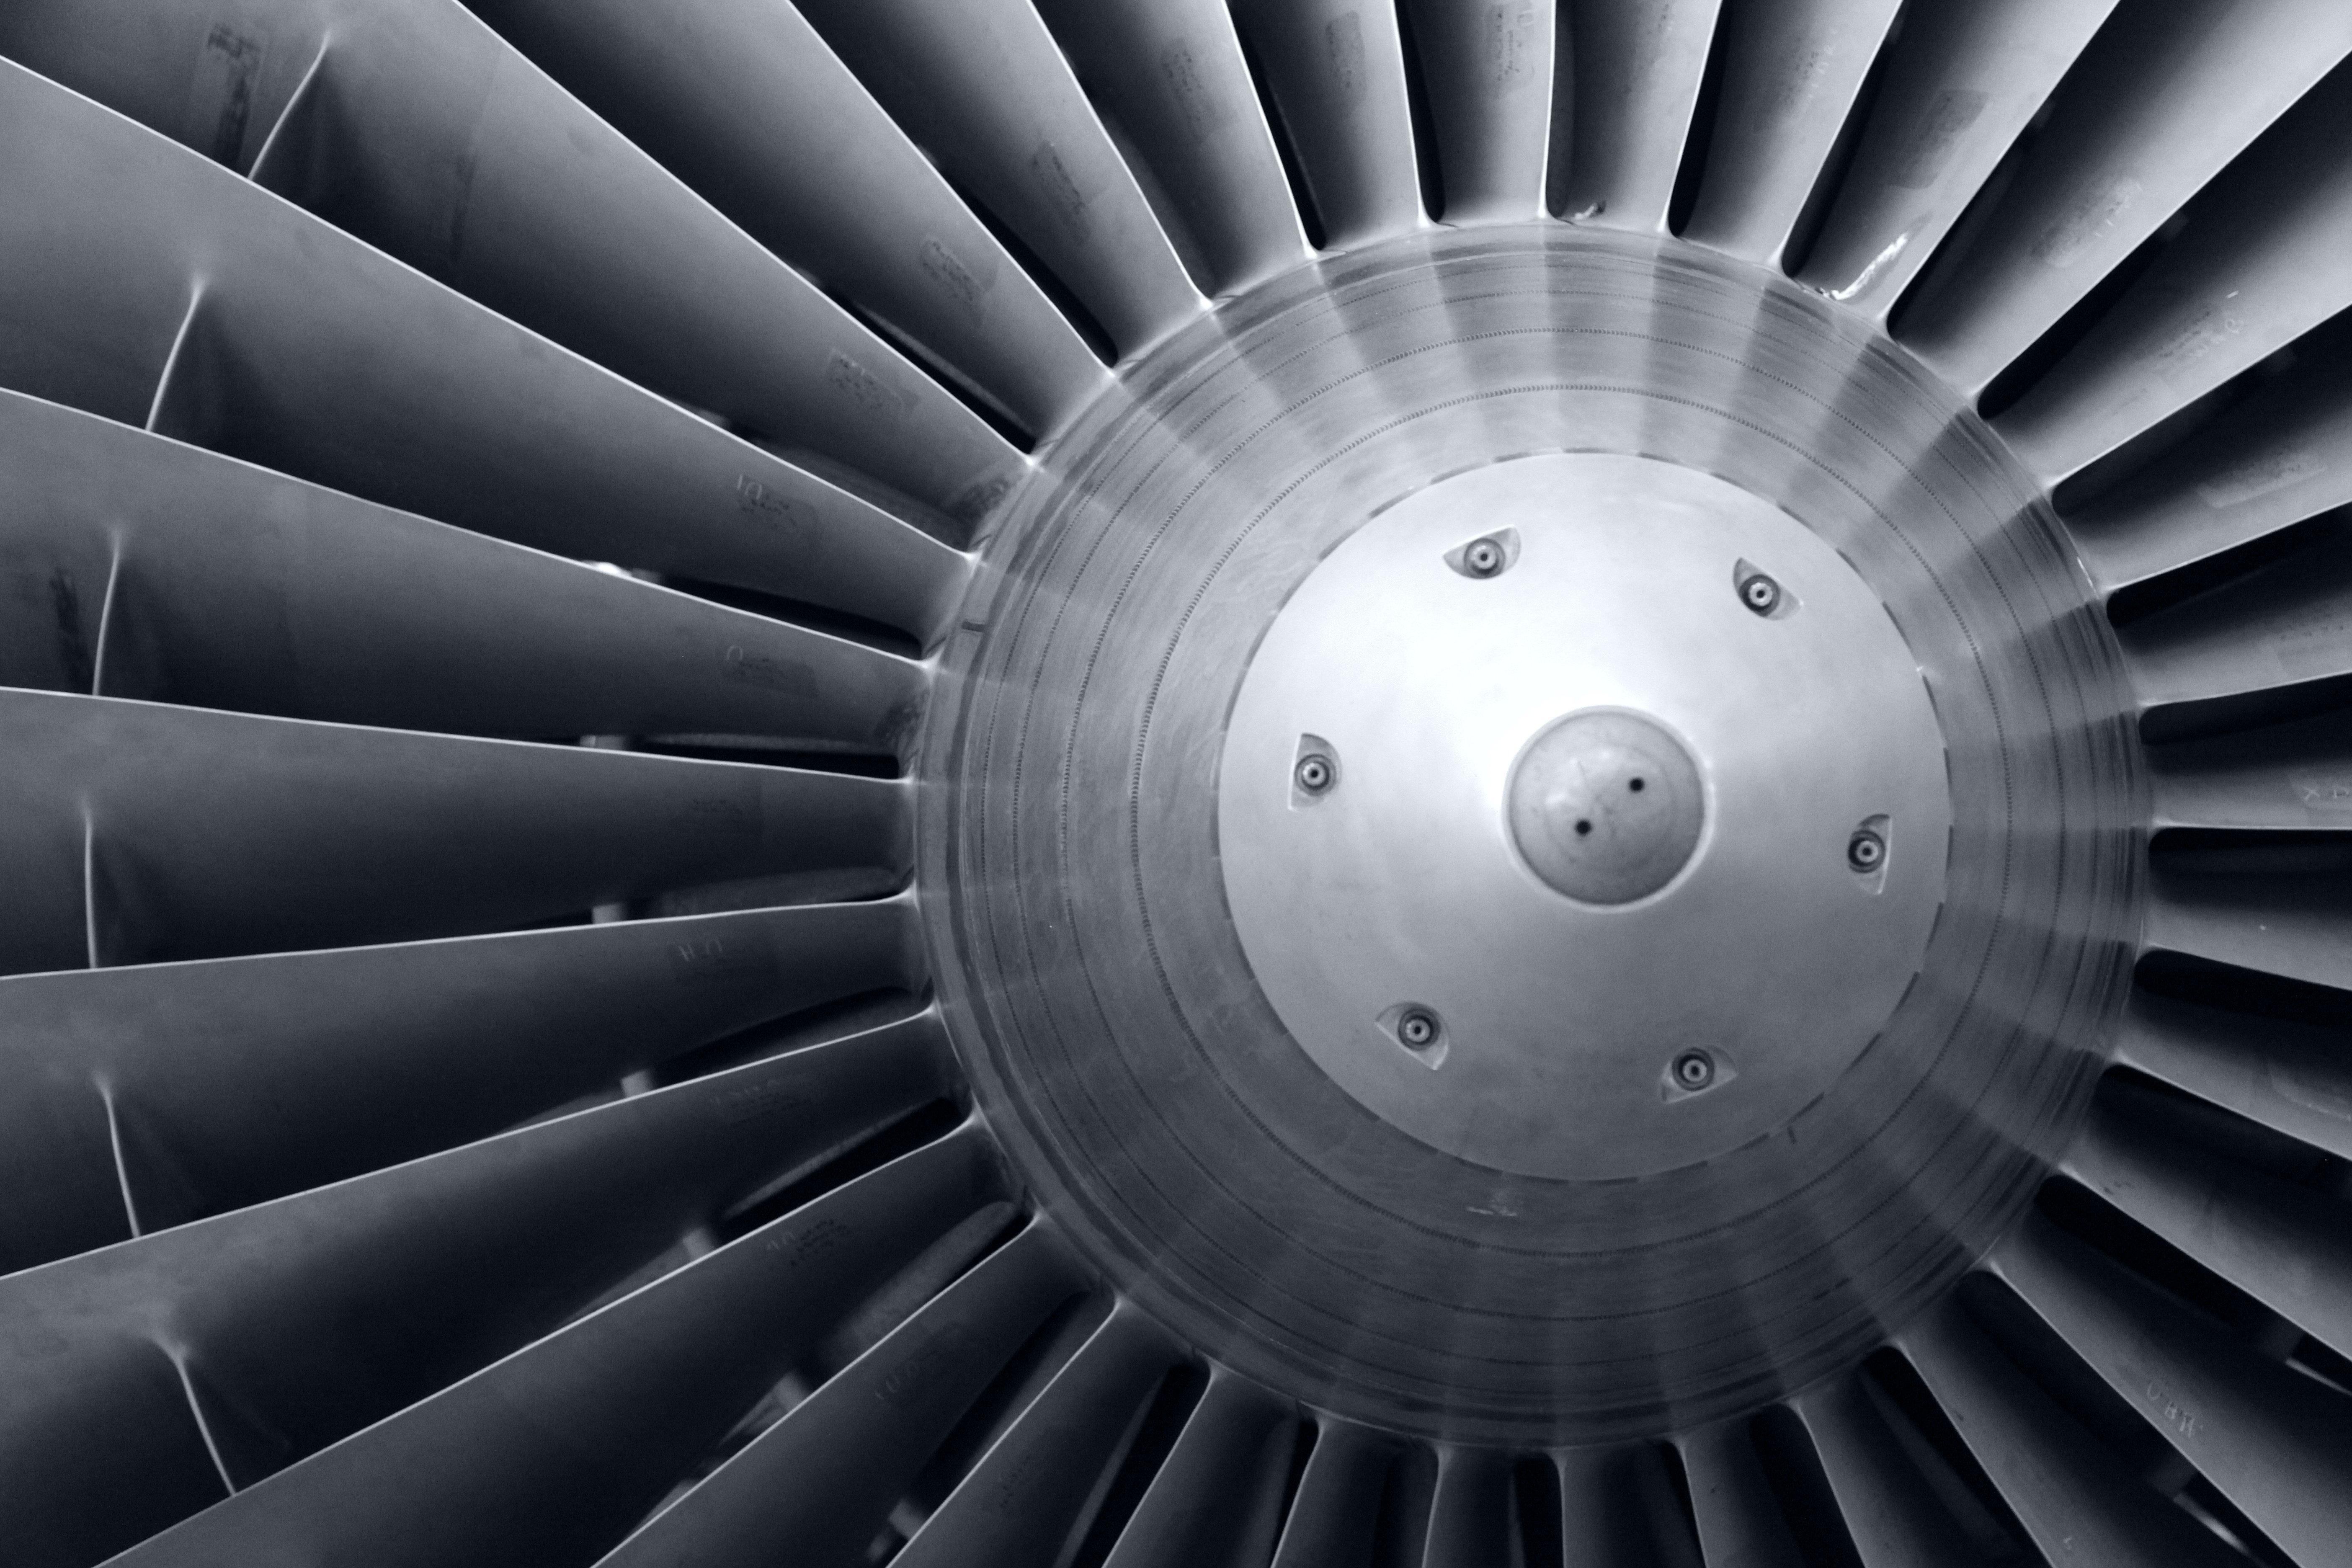 Un tipo grabó el peor momento en un avión: una turbina quemándose